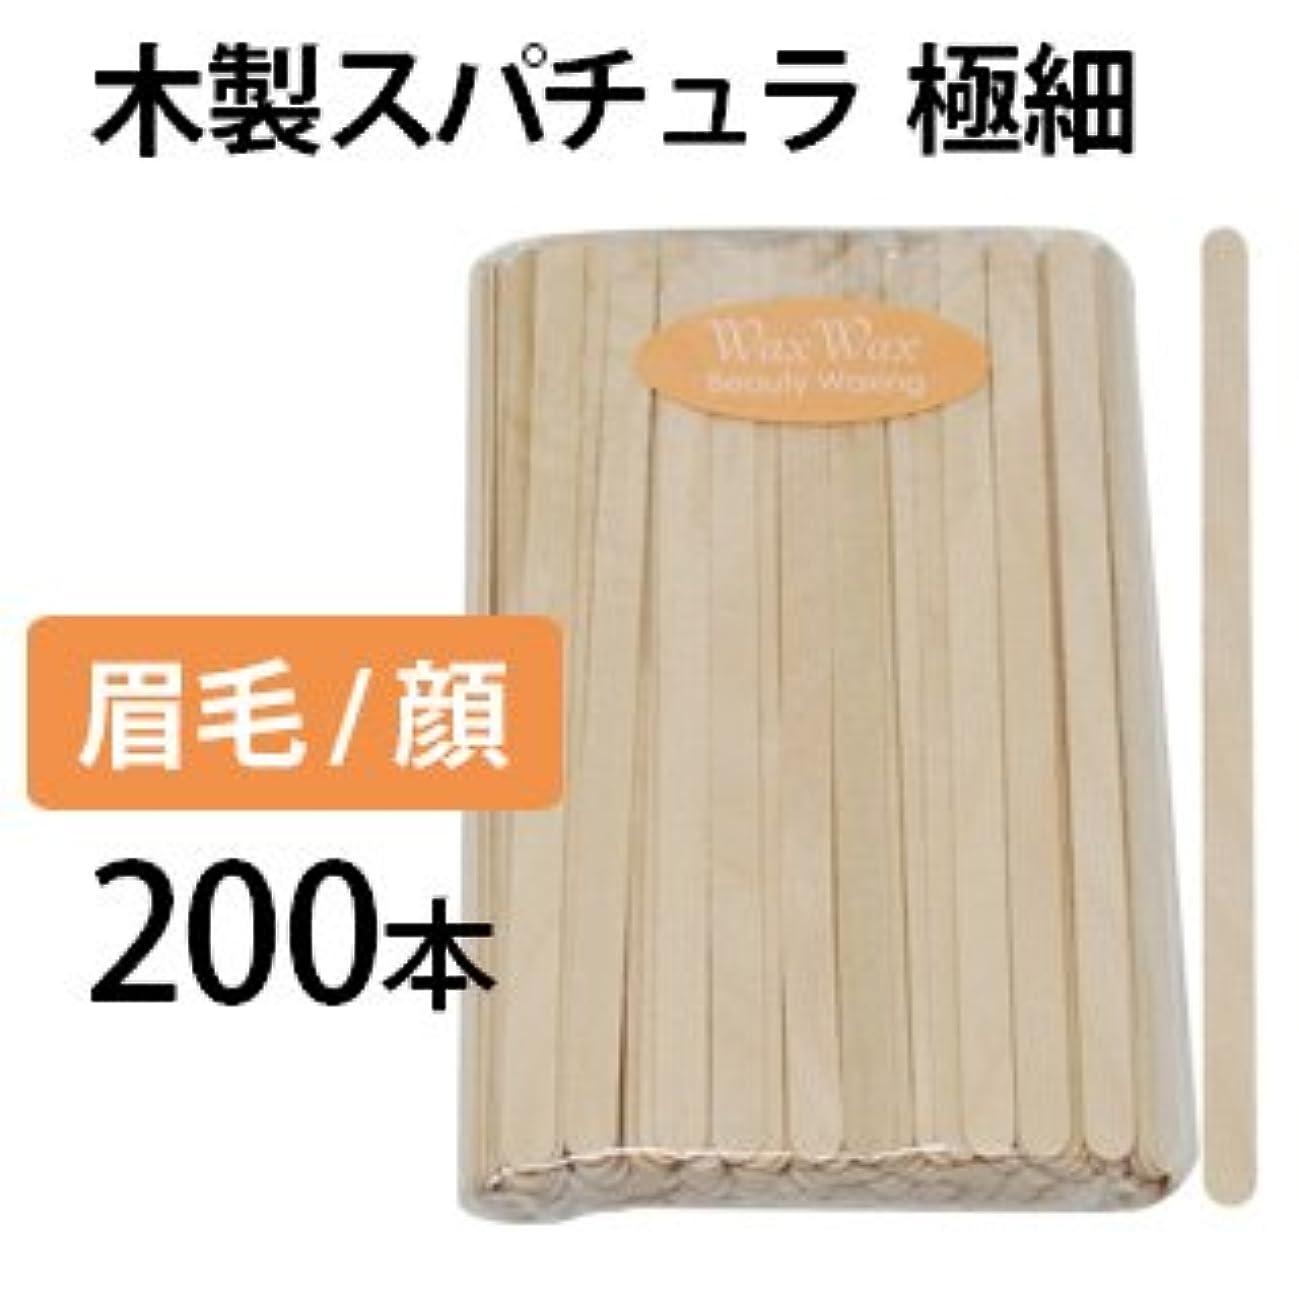 教科書フレームワーク雪眉毛 アイブロウ用スパチュラ 200本セット 極細 木製スパチュラ 使い捨て